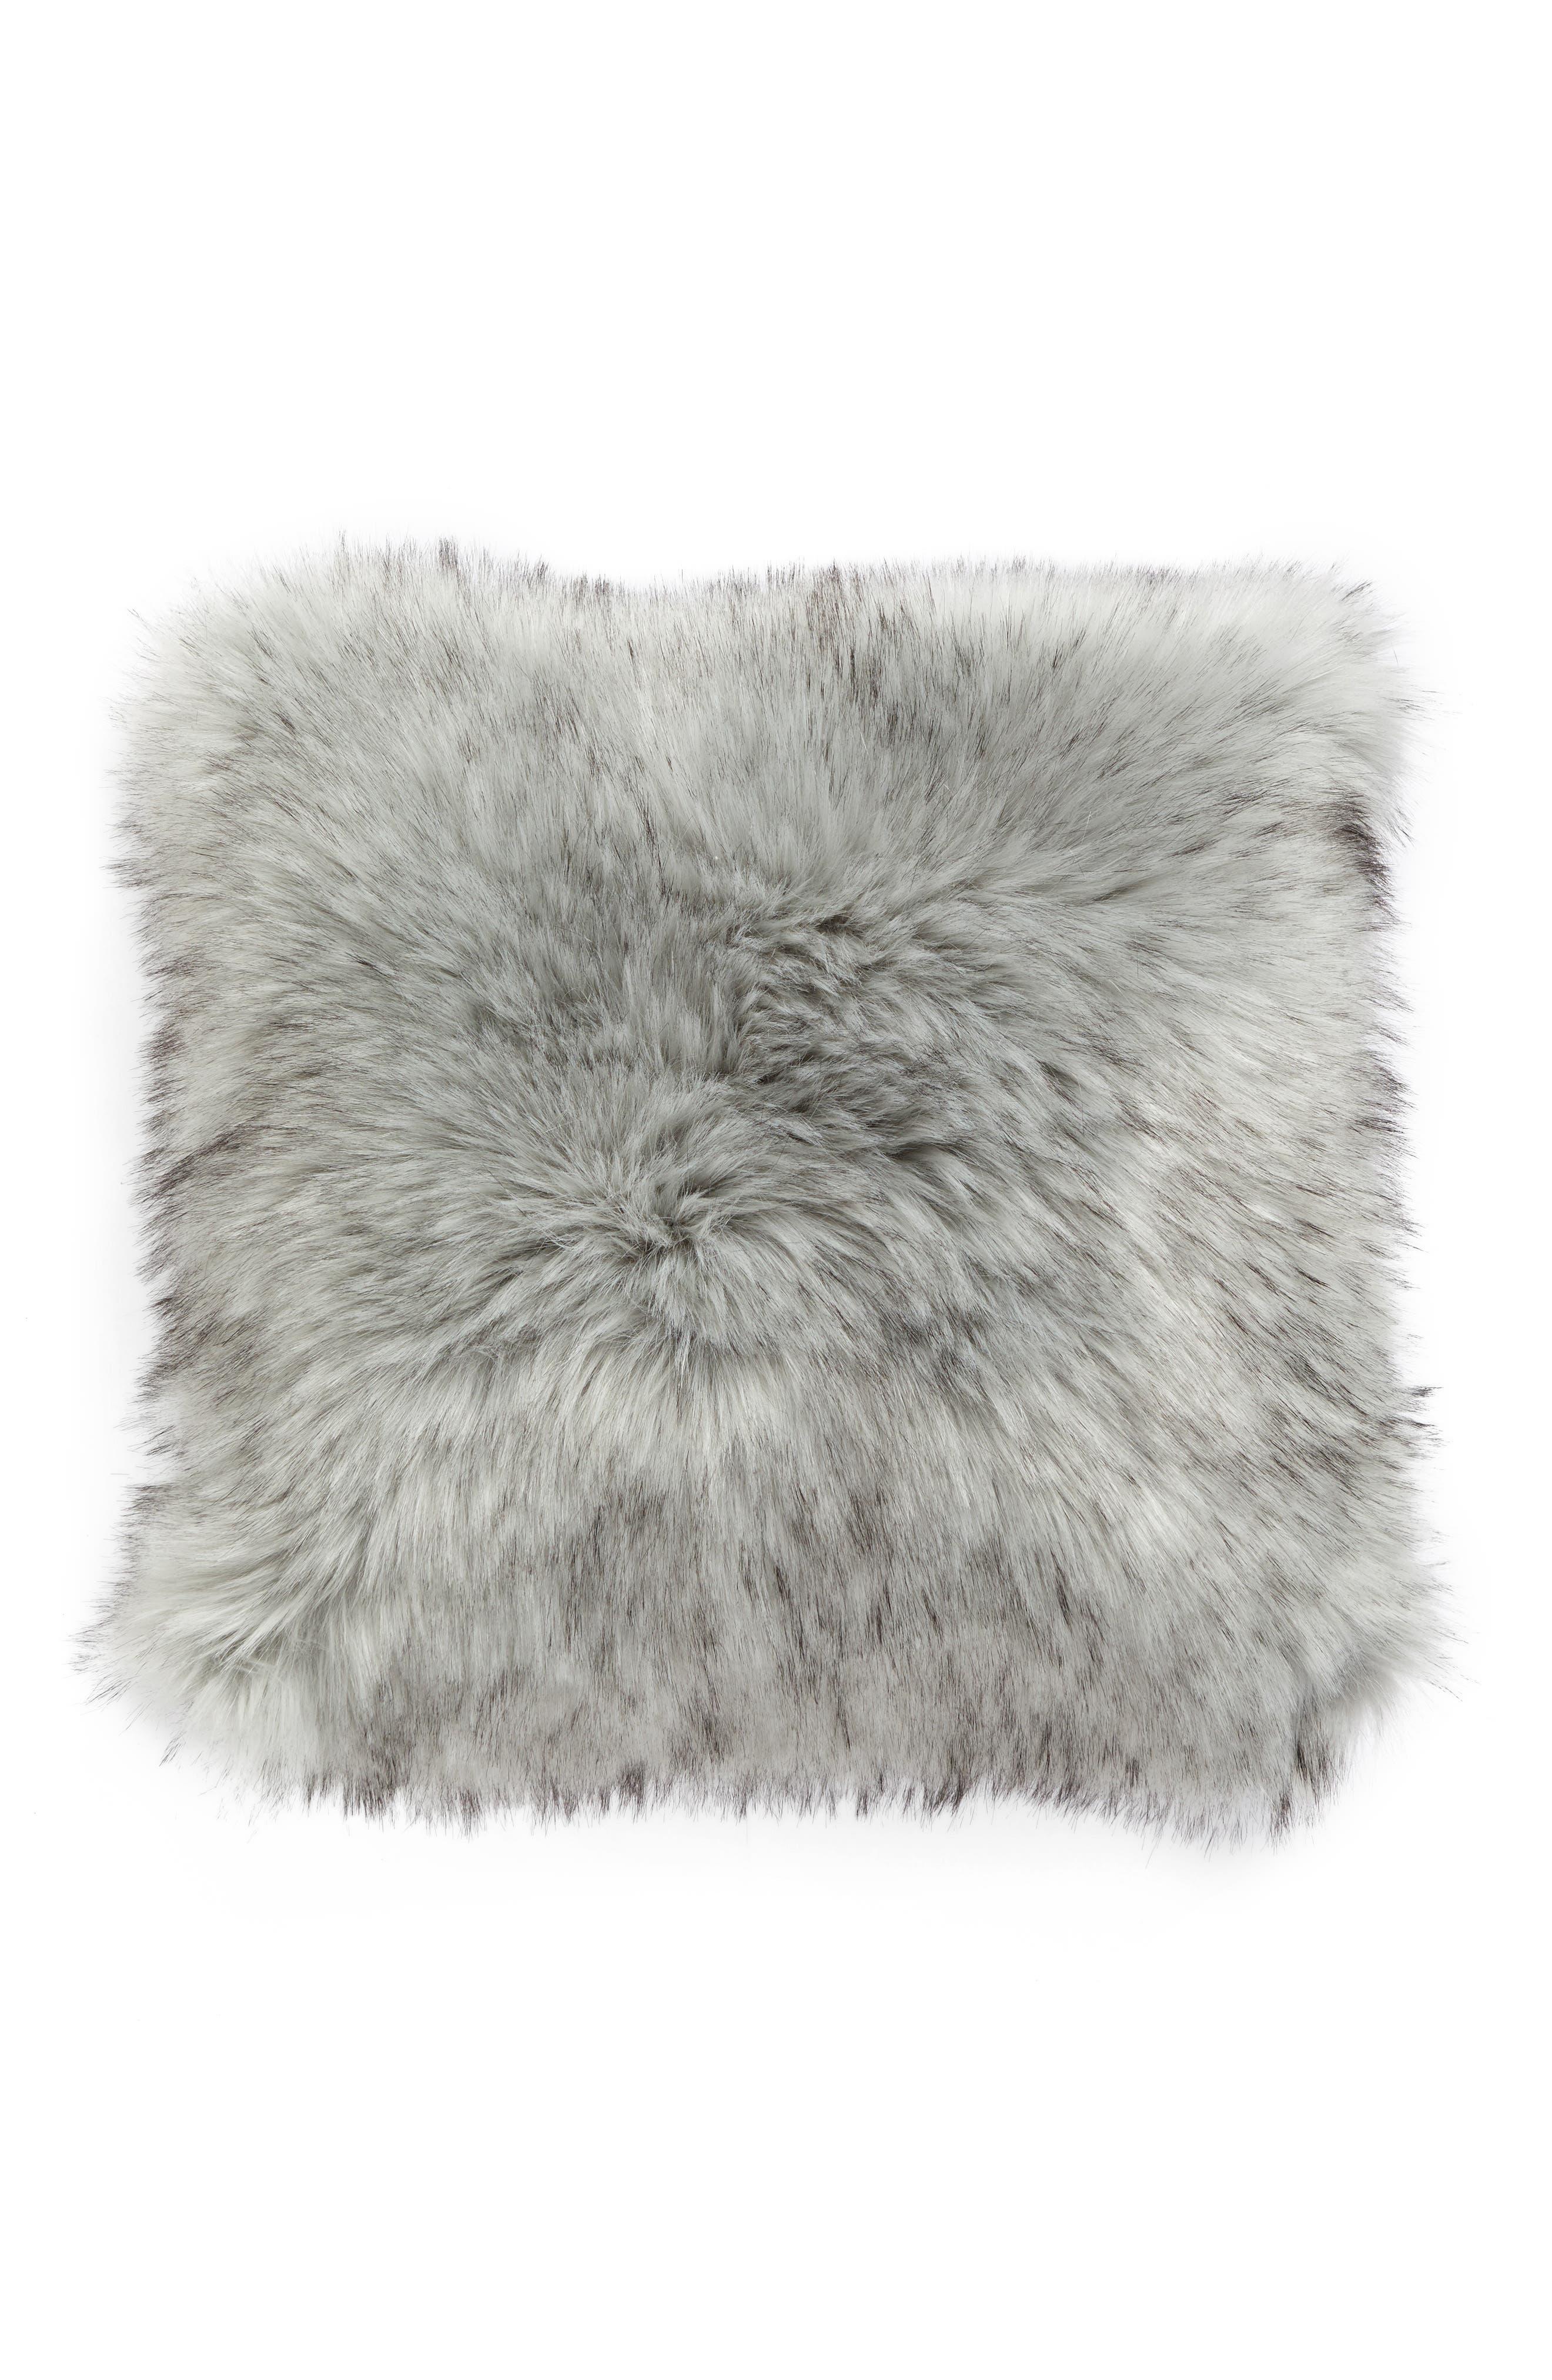 Faux Fur Accent Pillow,                             Main thumbnail 1, color,                             020